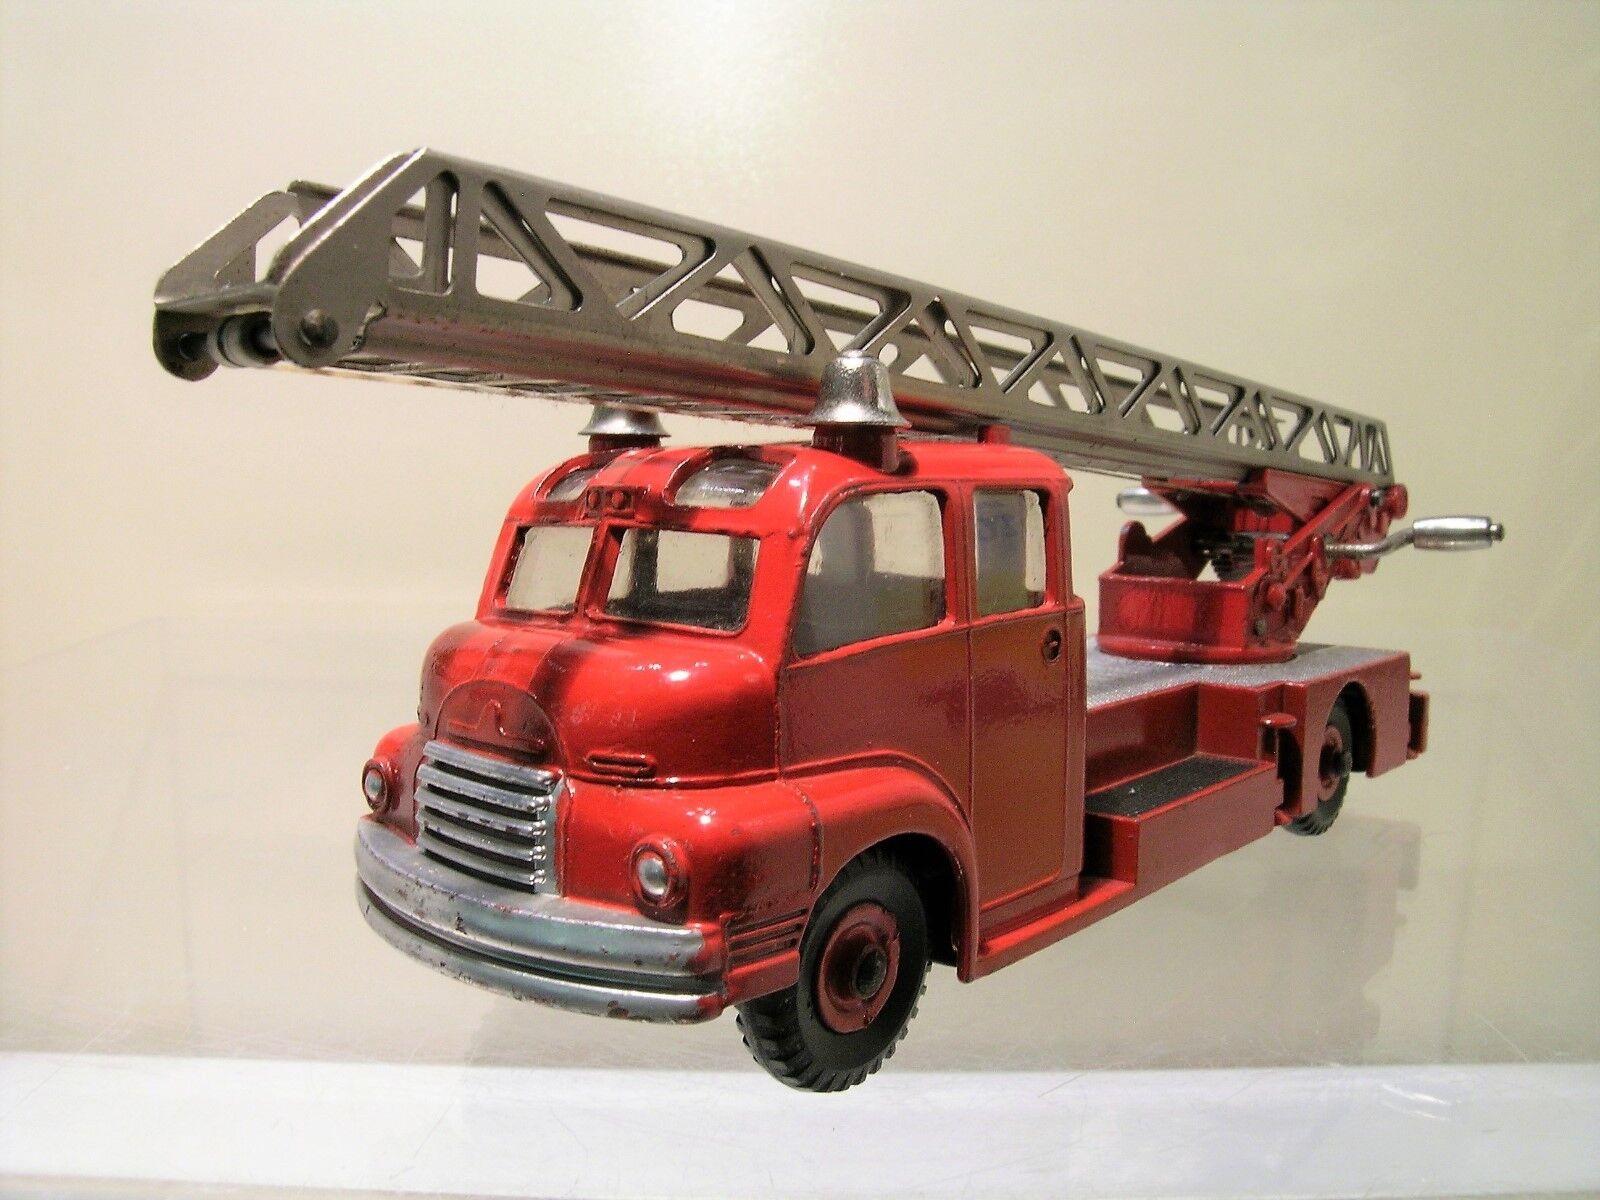 Tienda 2018 DINKY súperTOYS 956 BEDFORD TURNTABLE FIRE ESCAPE ESCAPE ESCAPE LORRY rojo 1 43  en venta en línea